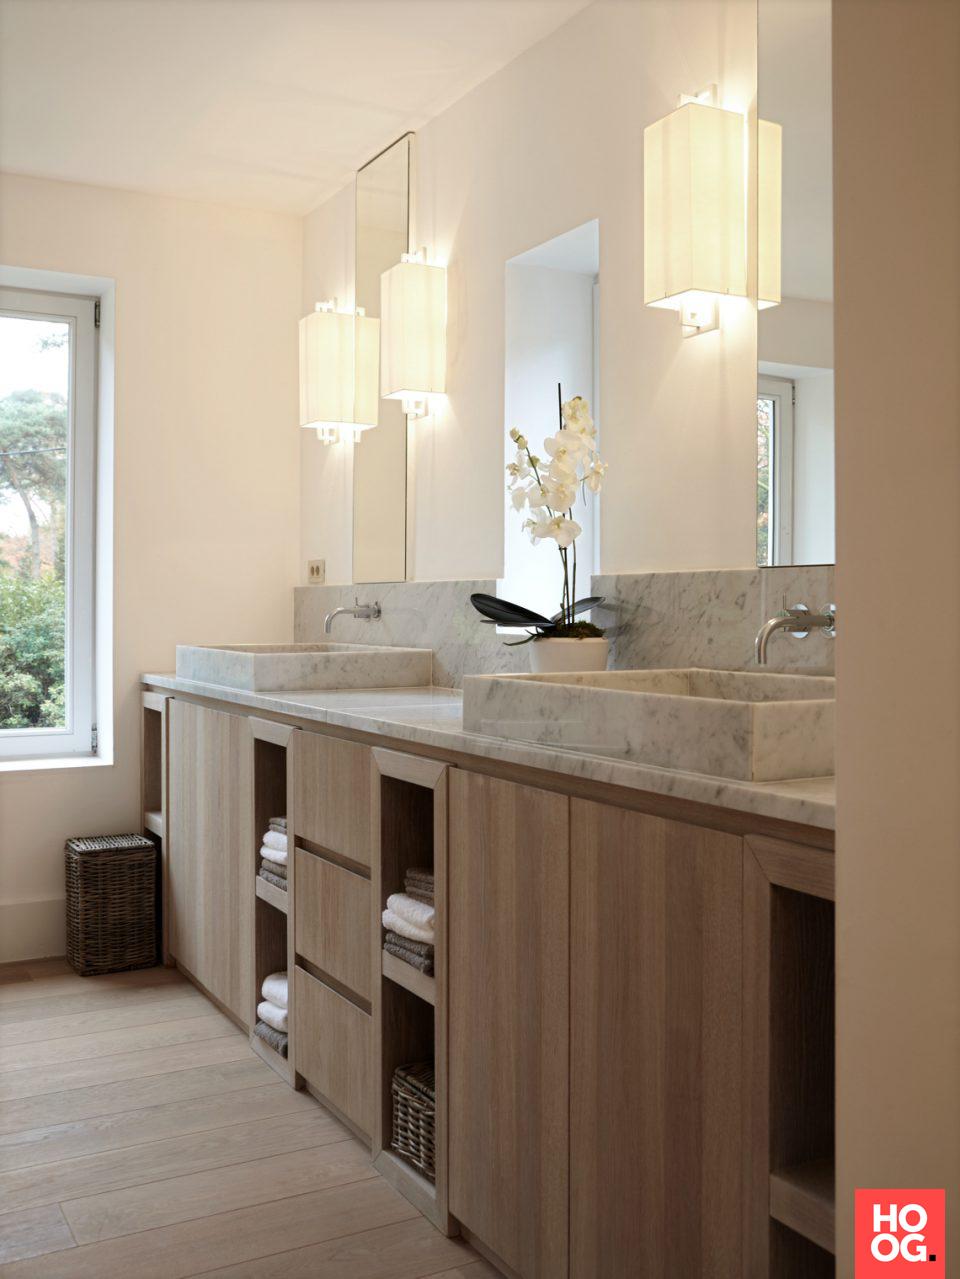 Luxe badkamer design met badkamermeubel | badkamer ideeën | design ...